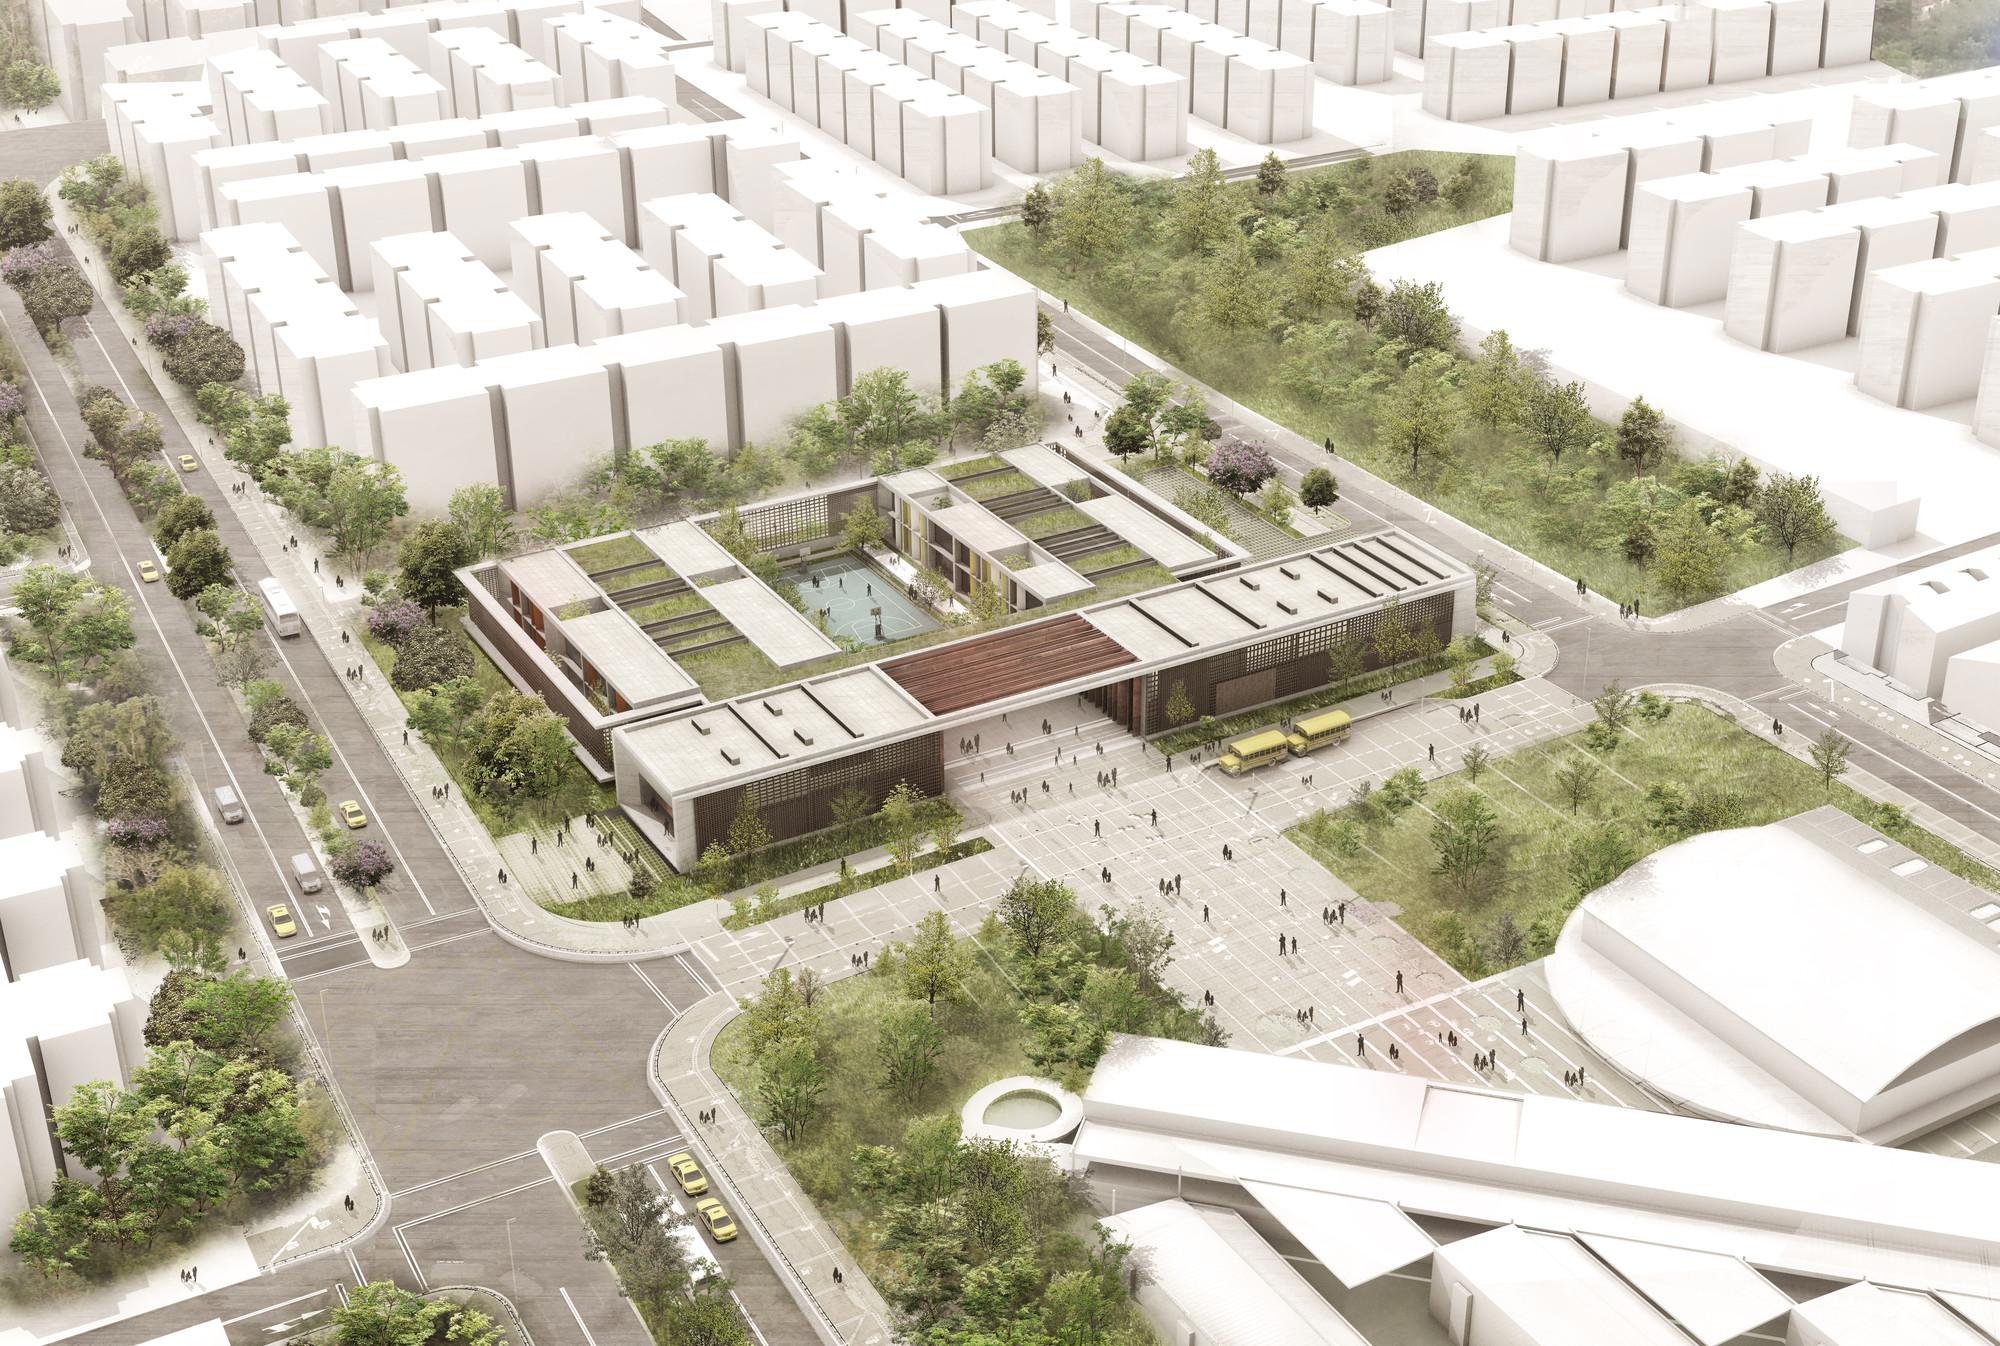 Colectivo 720 primer lugar en concurso ambientes de for Plantas de colegios arquitectura